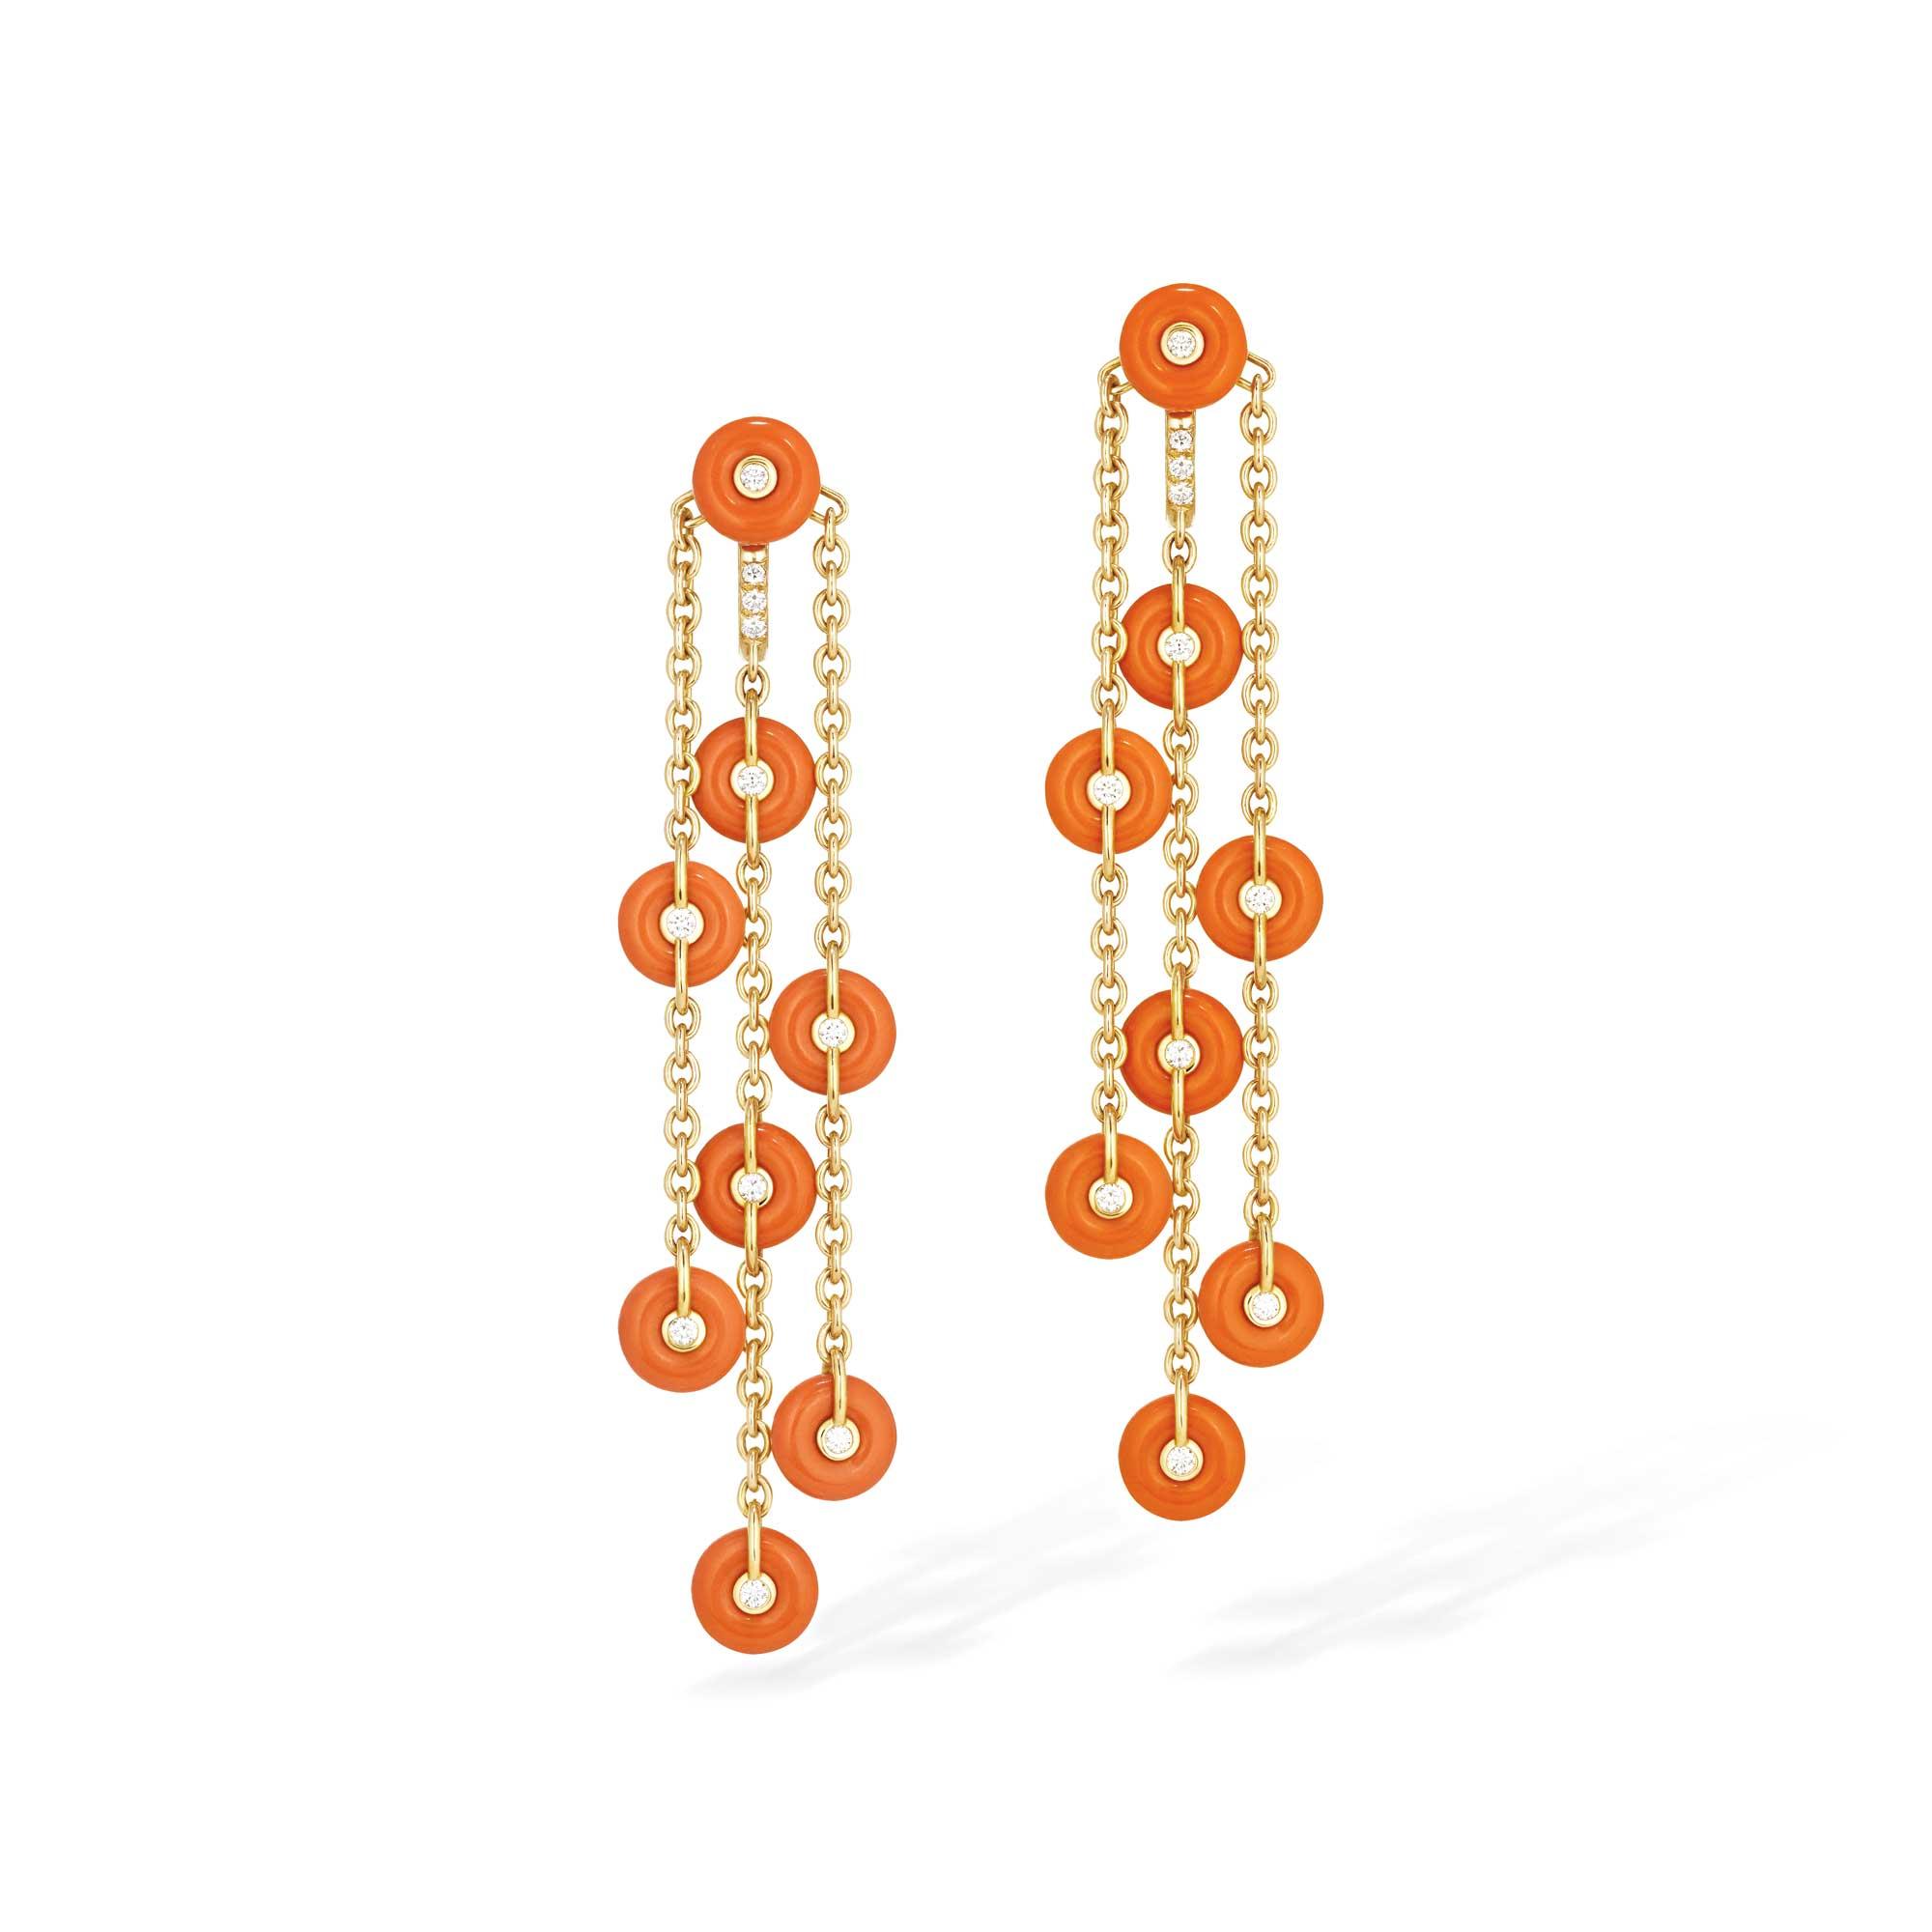 boucles d'oreilles pendantes or jaune, bouées corail et diamants - joaillerie canaglia Paris-Milan